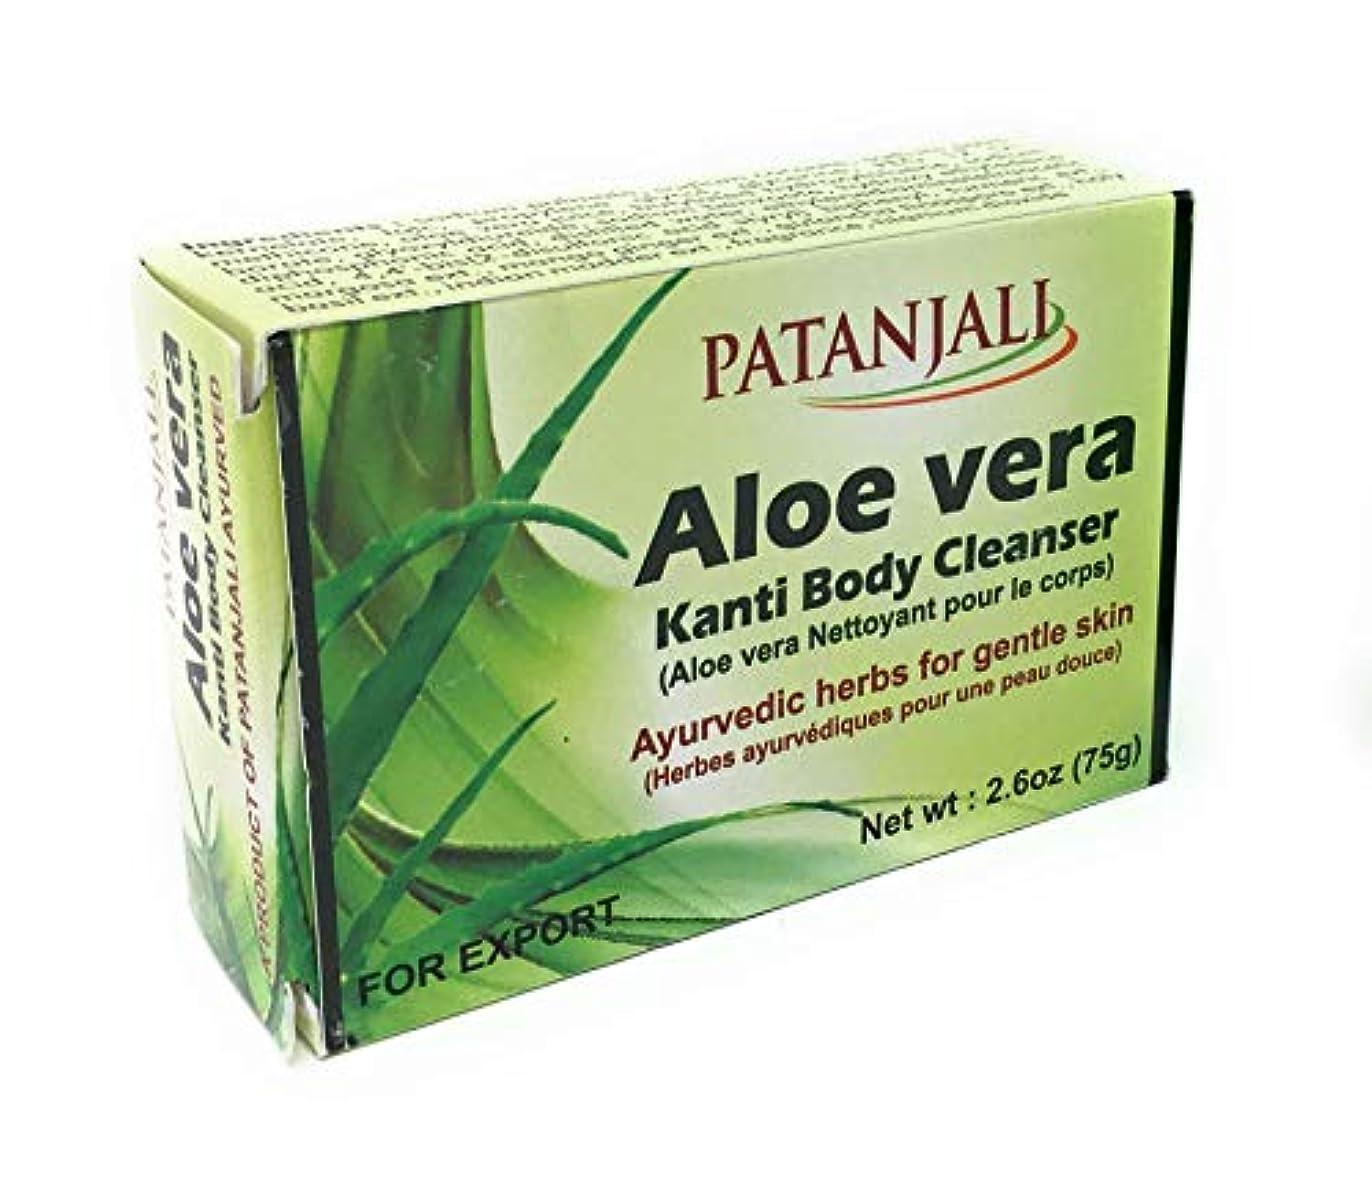 肘単に教えてパタンジャリ アロエベラソープ 75g×2個 アーユルヴェーダ インド産 Aloevera Kanty Body Cleanser Ayurveda Patanjali India